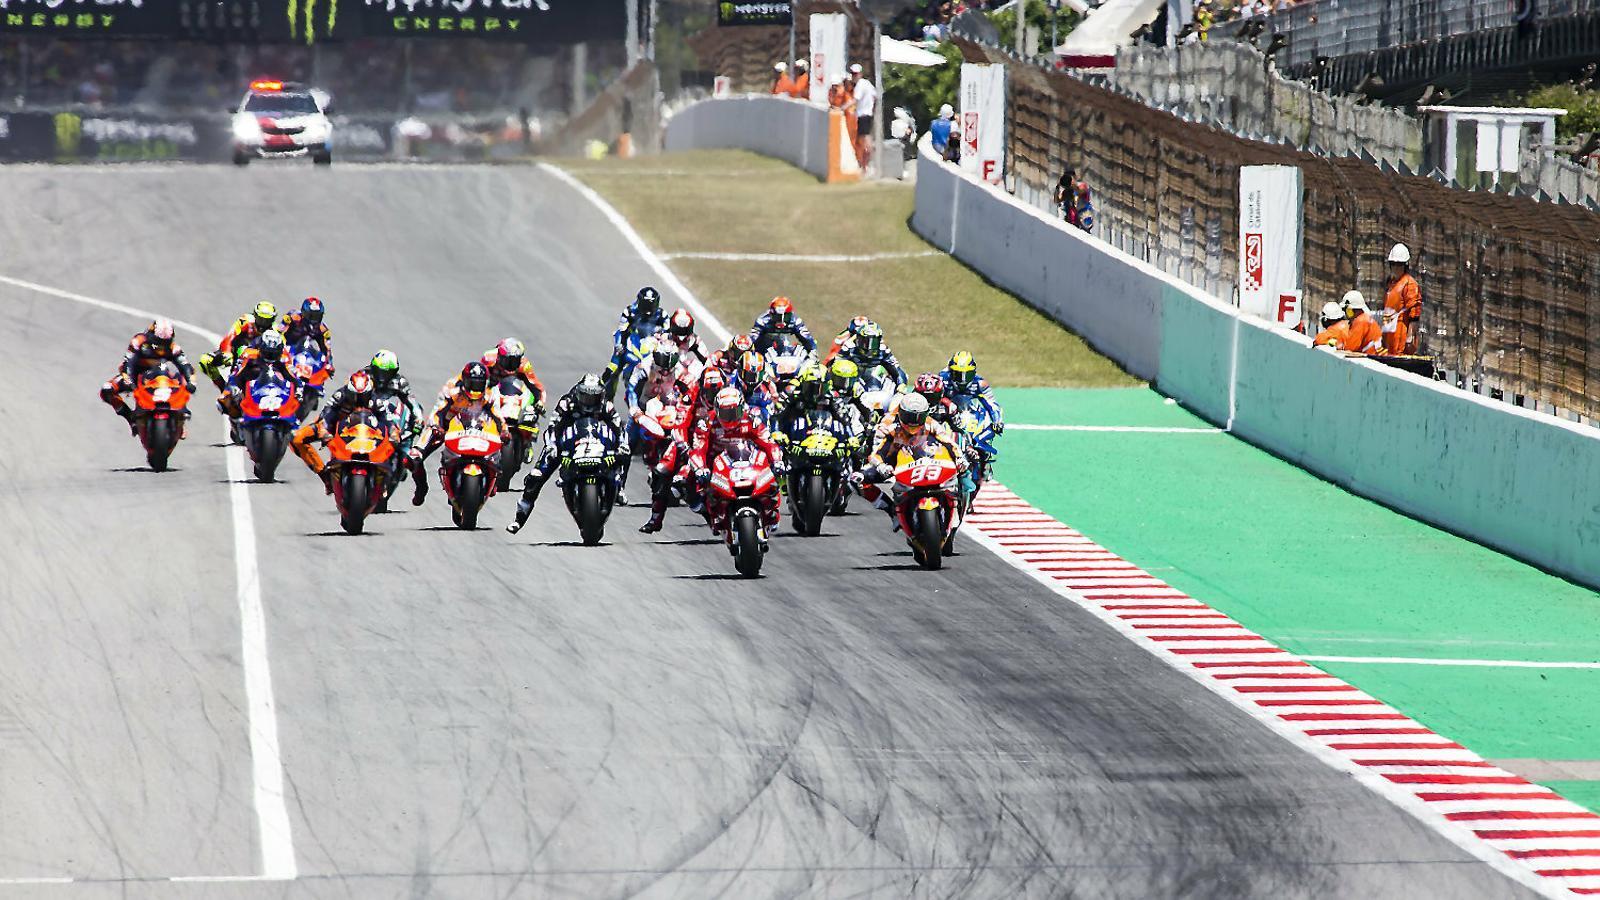 Acord per començar el Mundial de MotoGP amb una doble cita a Jerez els caps de setmana del 19 i 26 de juliol